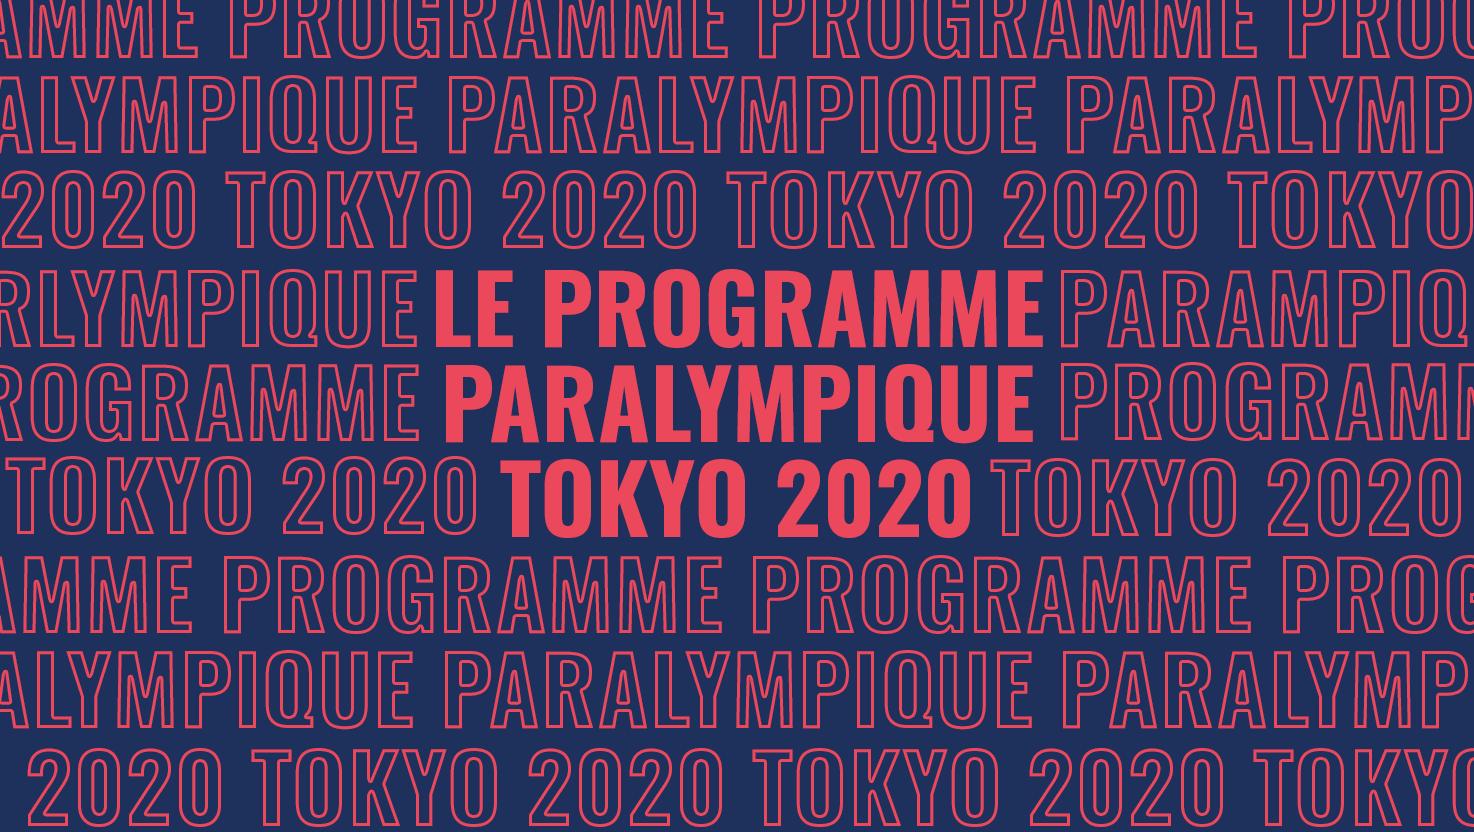 Programmeparaarticle